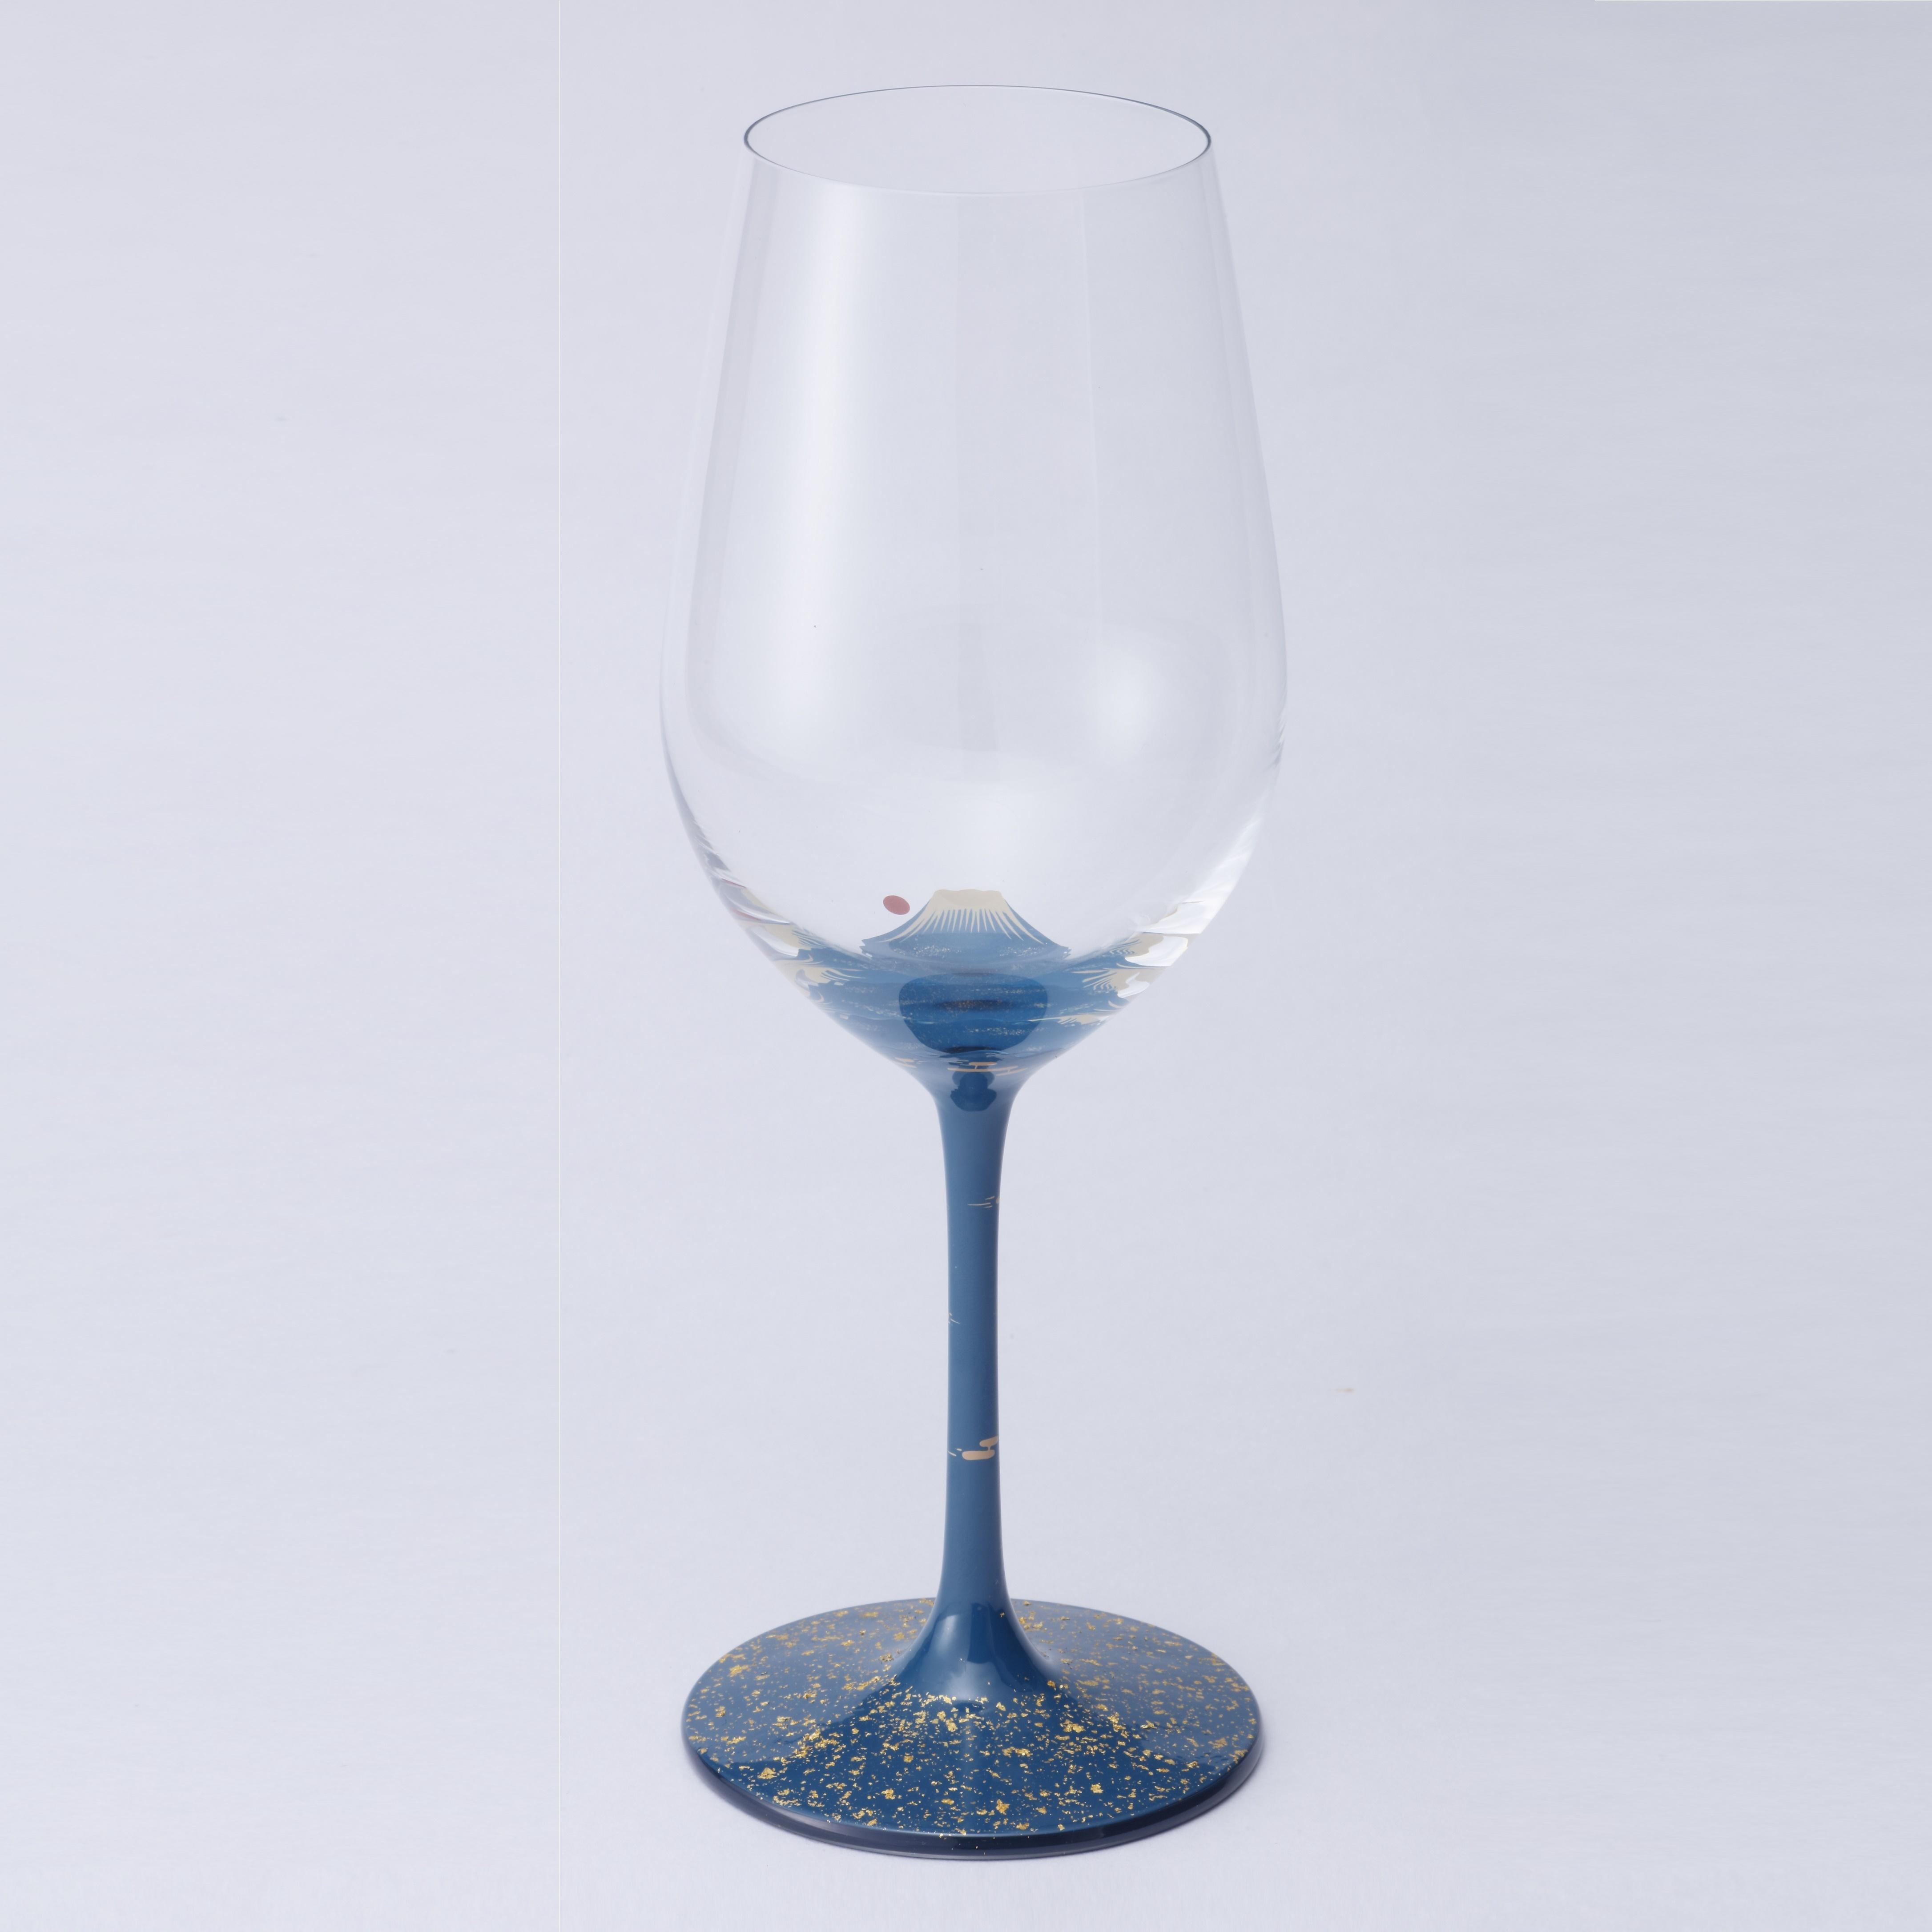 丸三漆器 漆絵ワイングラス 富士